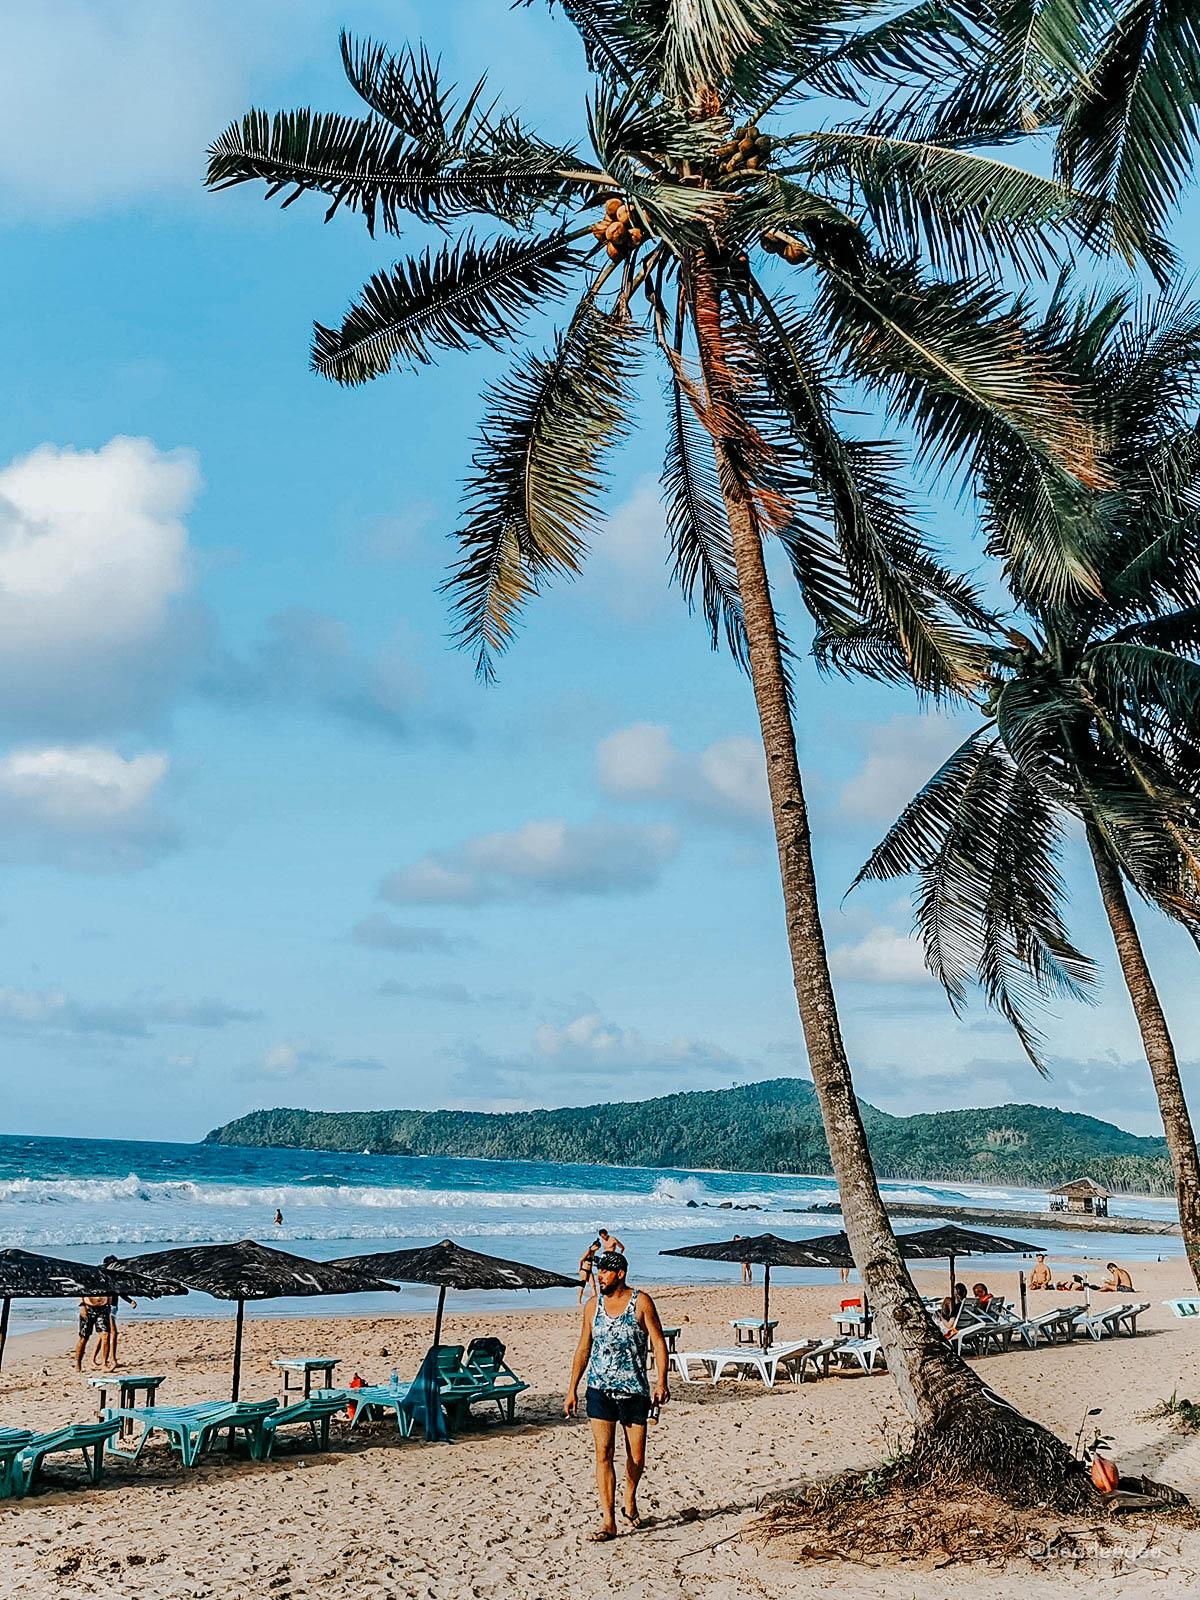 EL Nido beaches